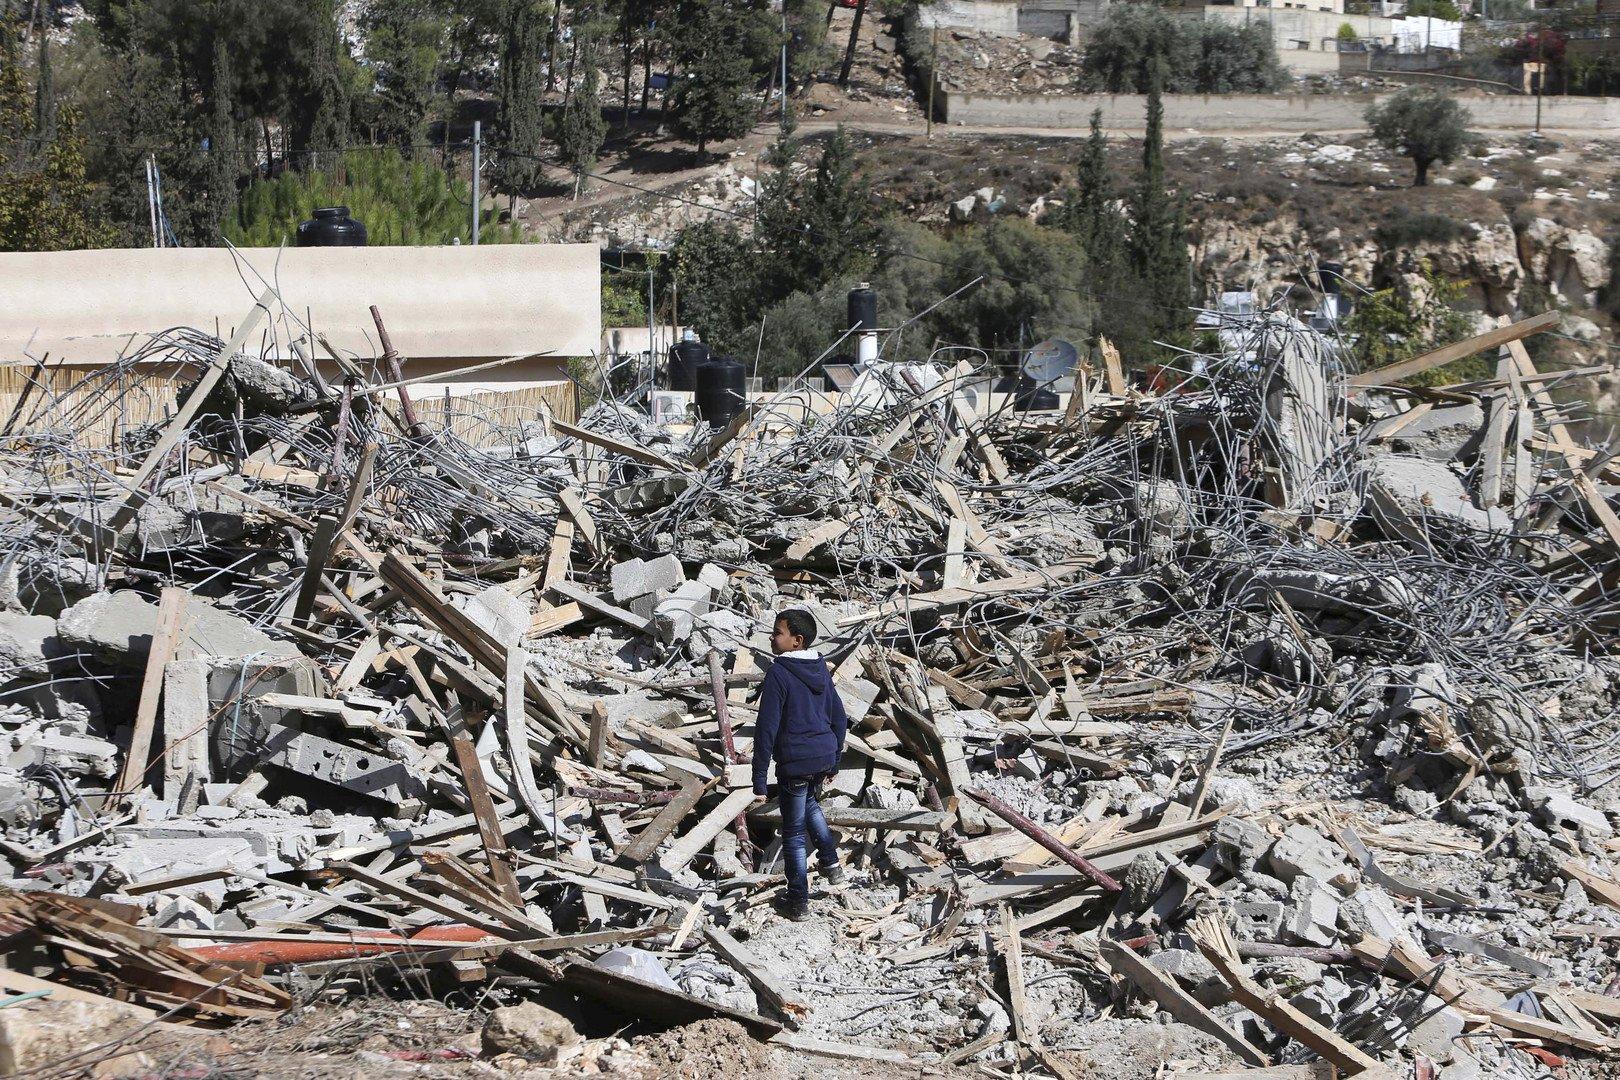 Démolition de logements palestiniens : des dizaines d'enfants privés de toît d'après l'ONU